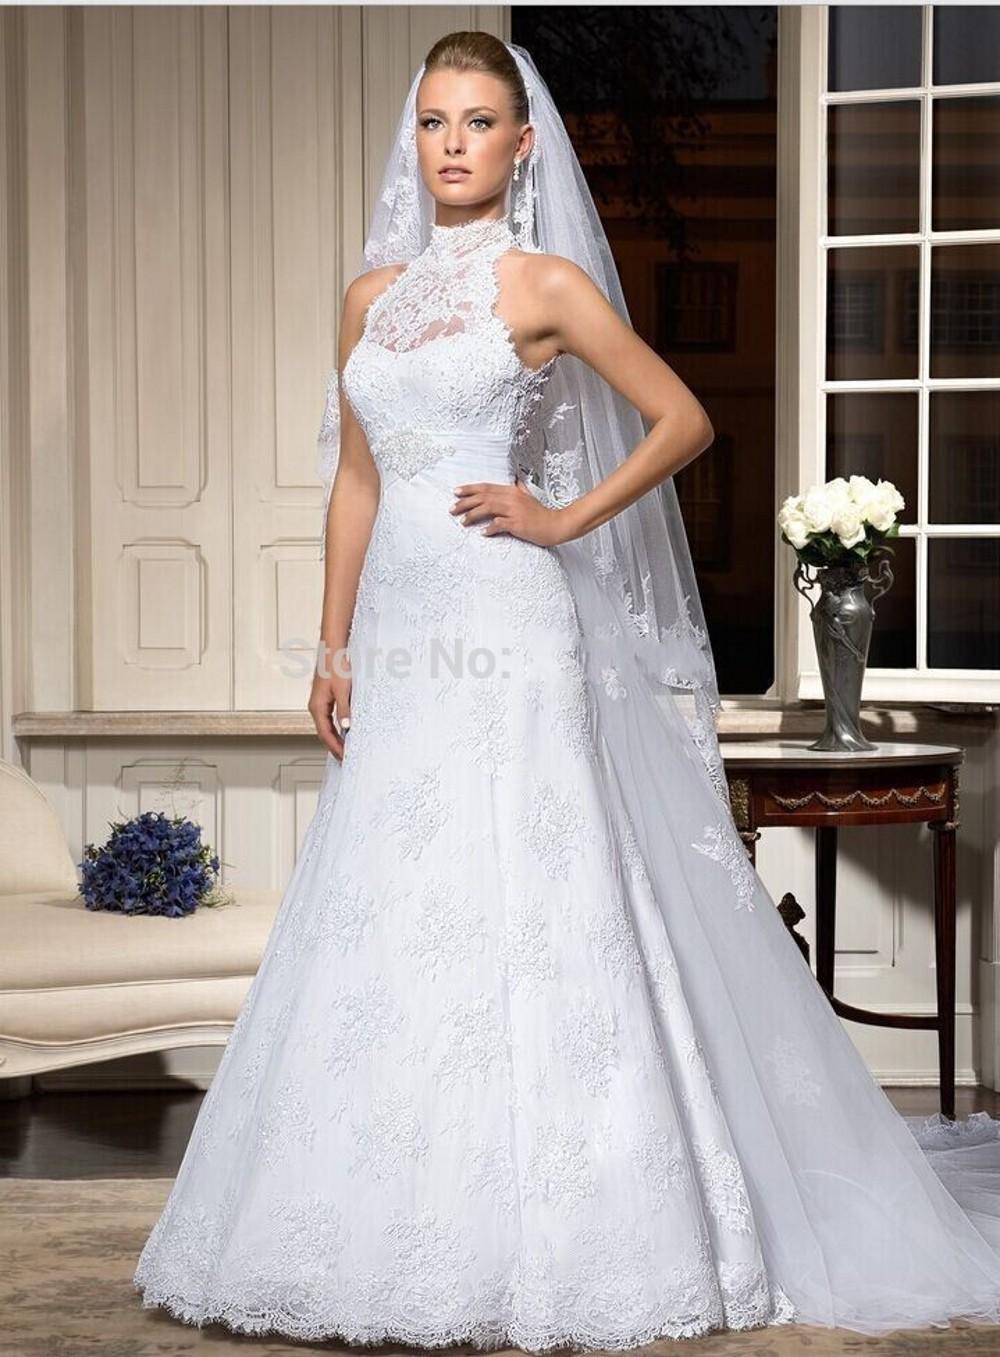 vestido de noiva 2016 renda sereia high neck open back